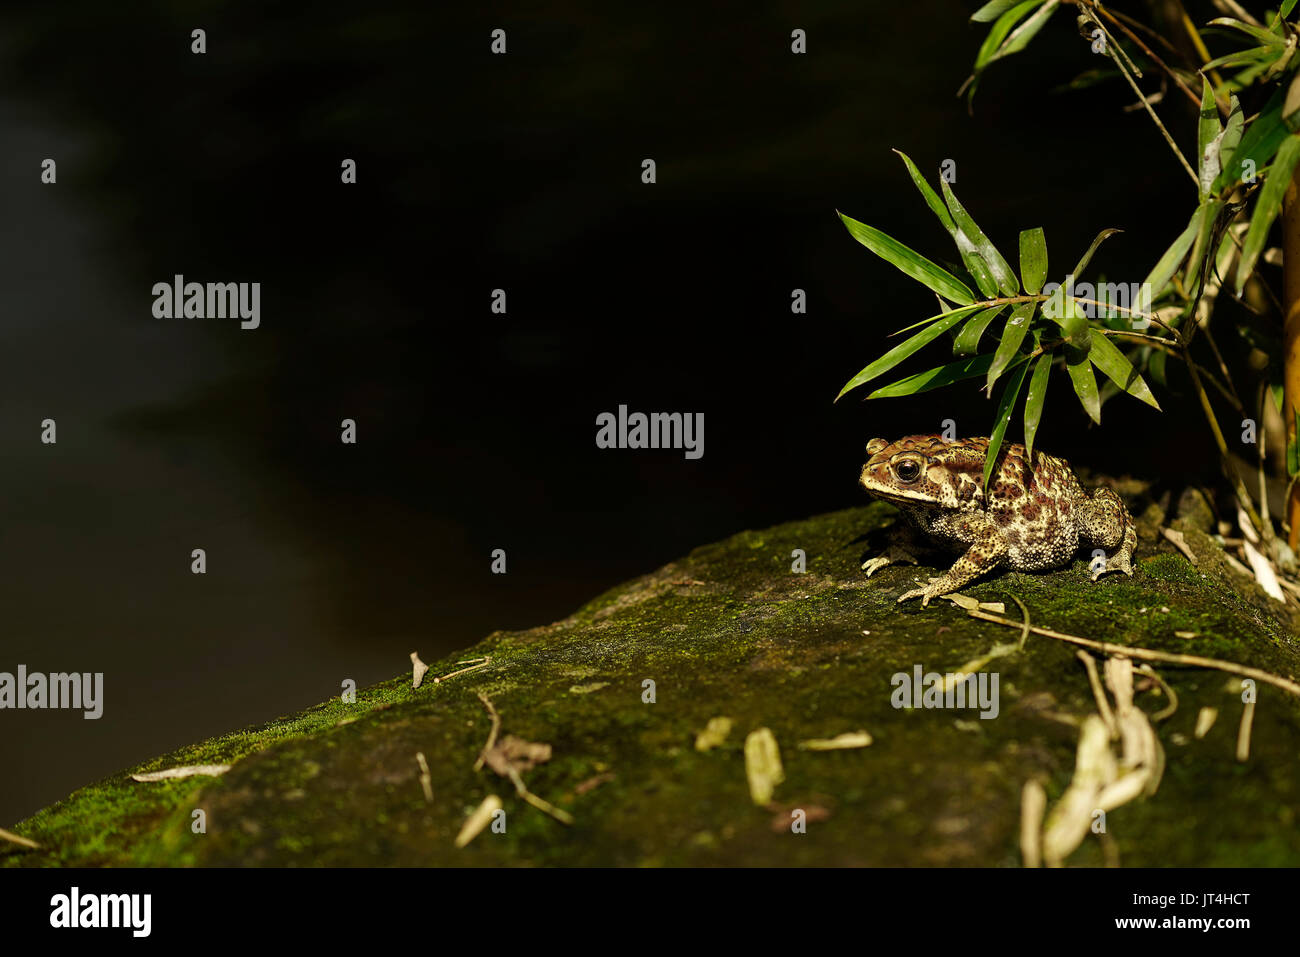 Fat frog brun assis au coin d'un lac sur un rocher avec mousse verte sous les feuilles pendant la journée. Photo Stock